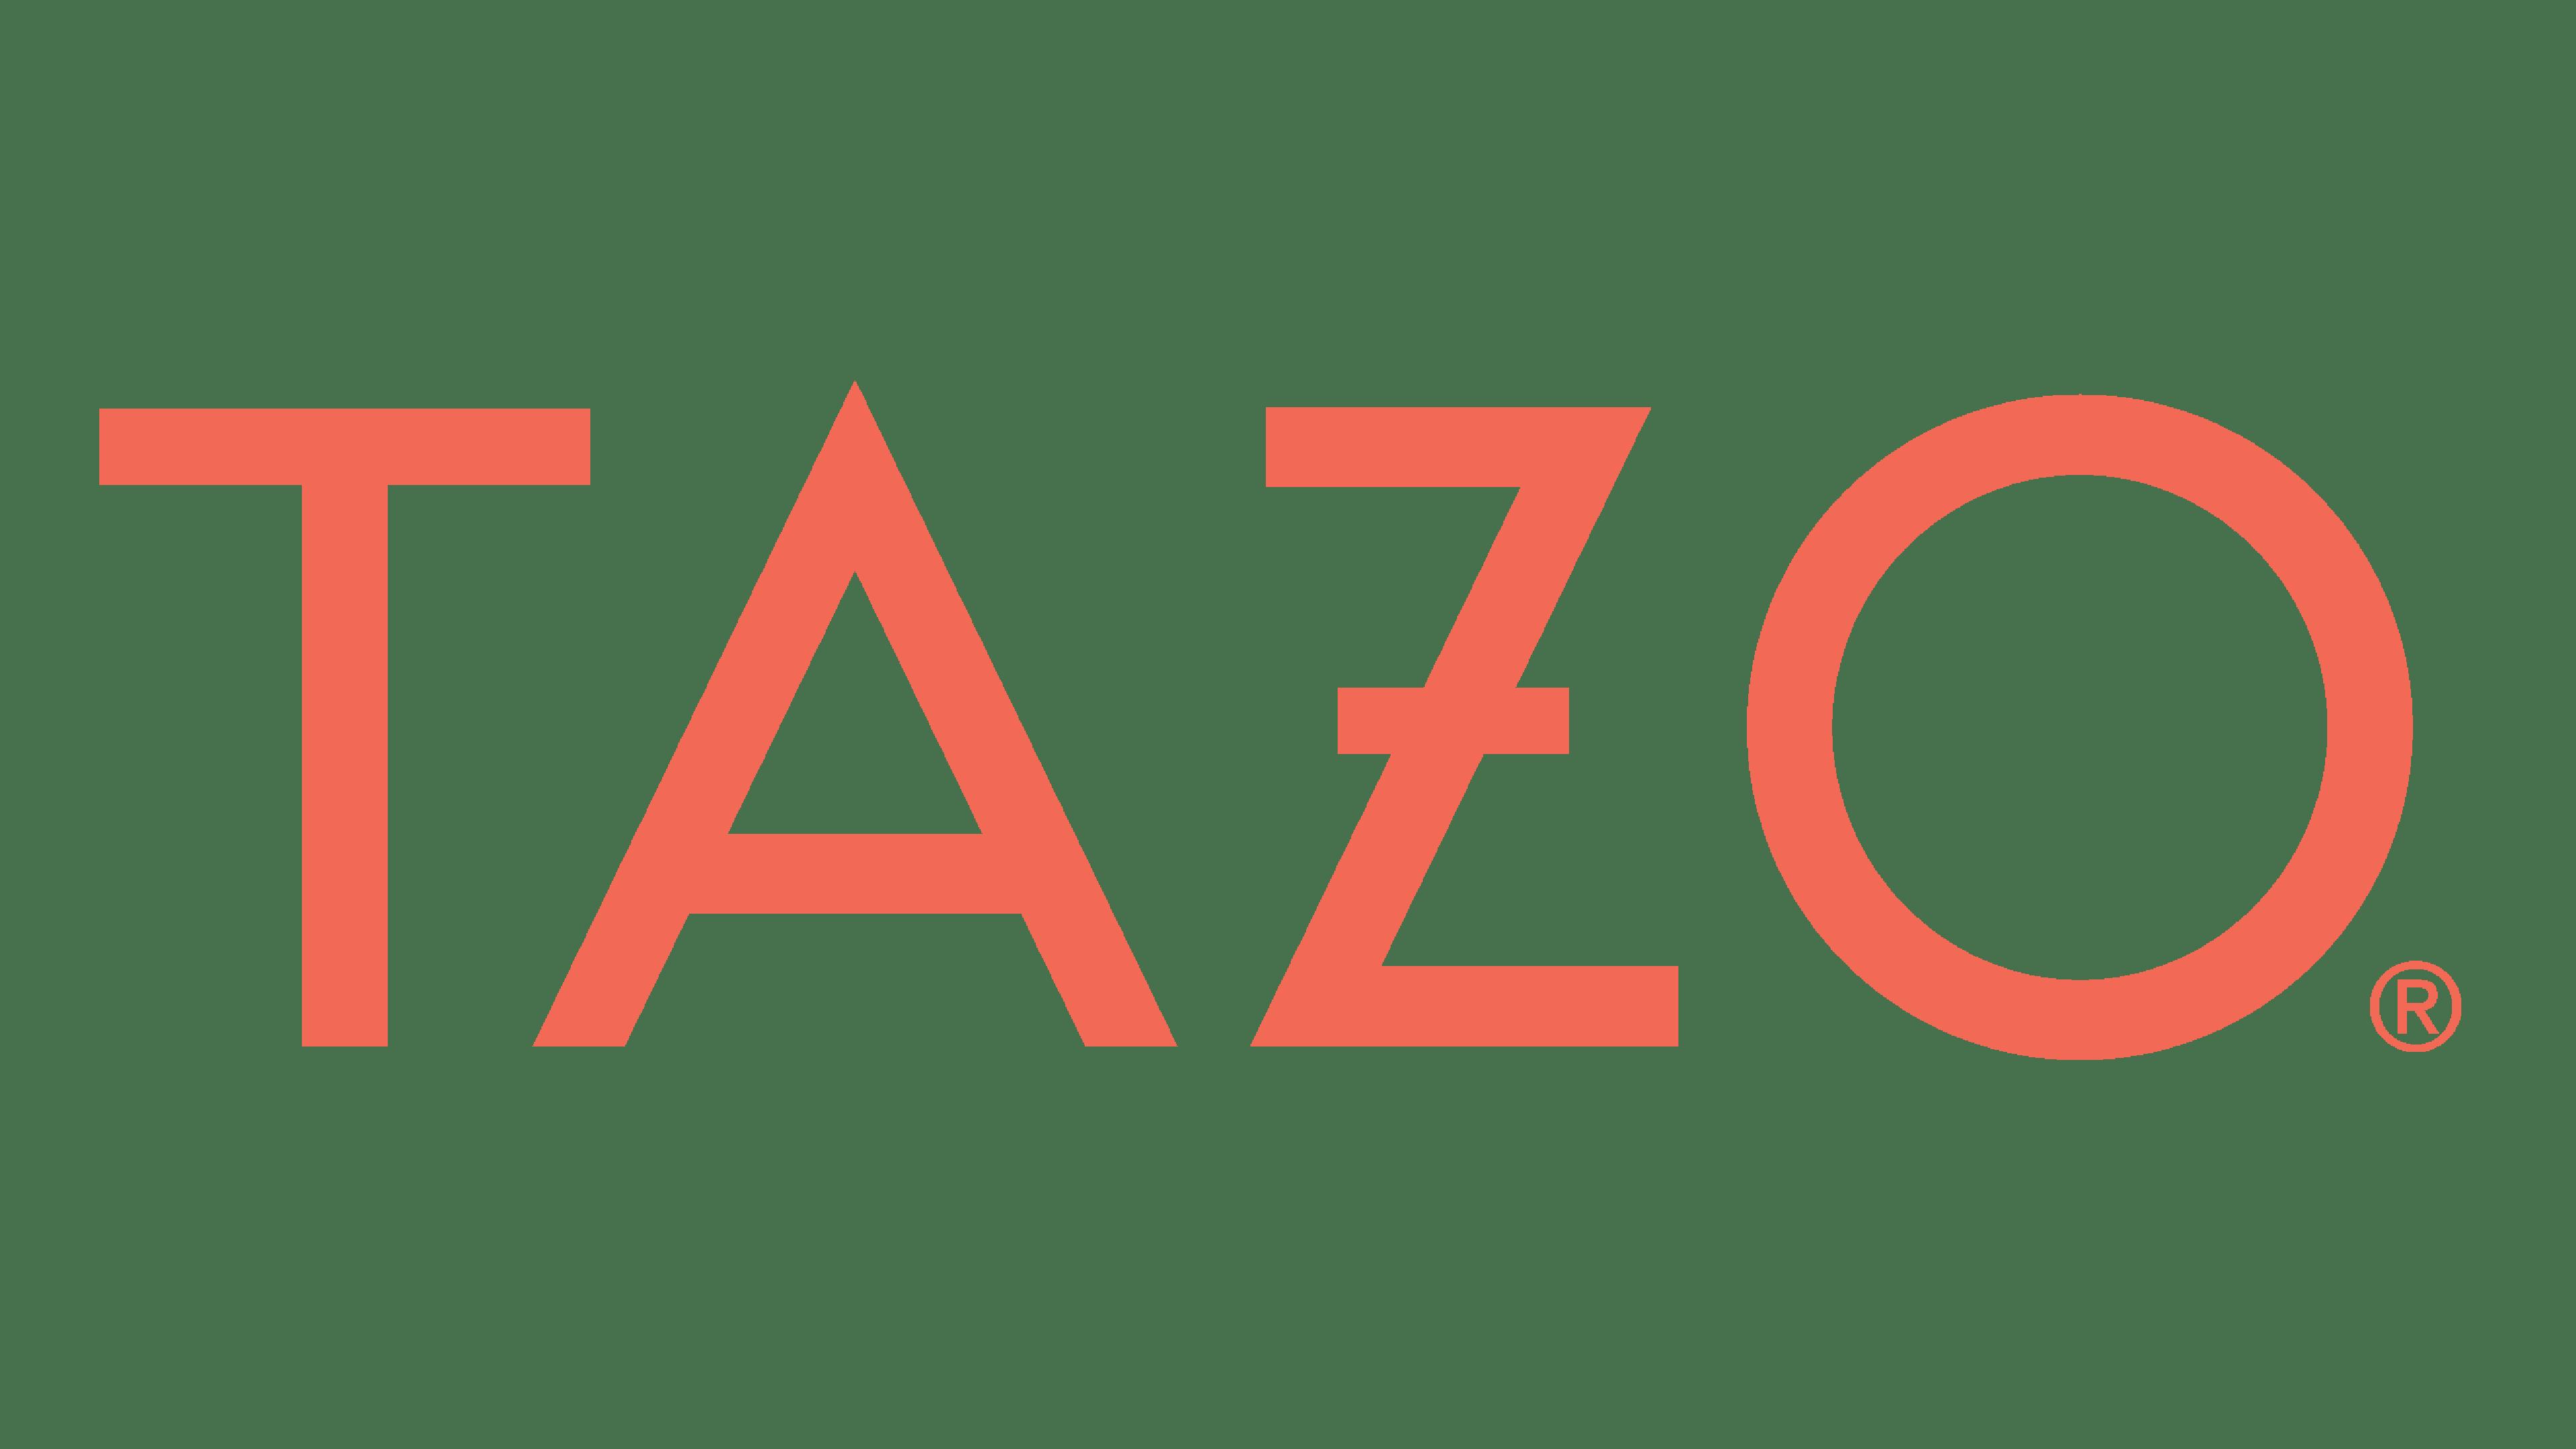 Tazo Logo Logo